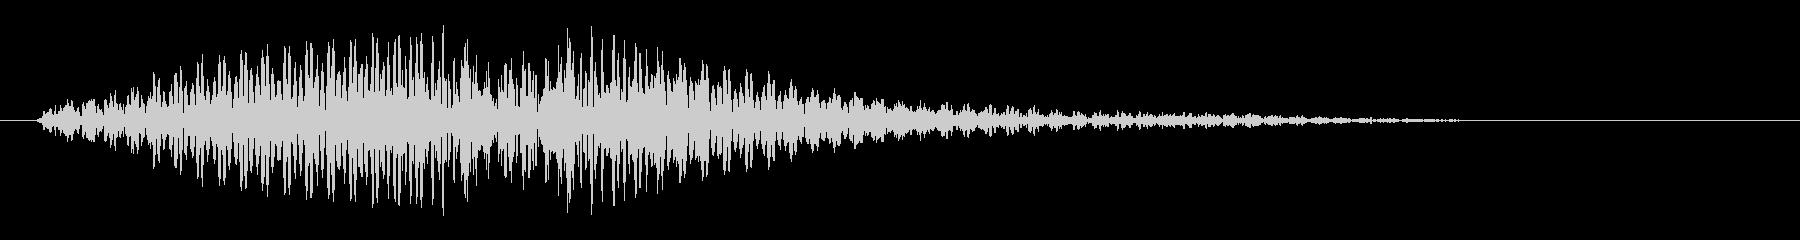 ピポンというスピードの効果音の未再生の波形